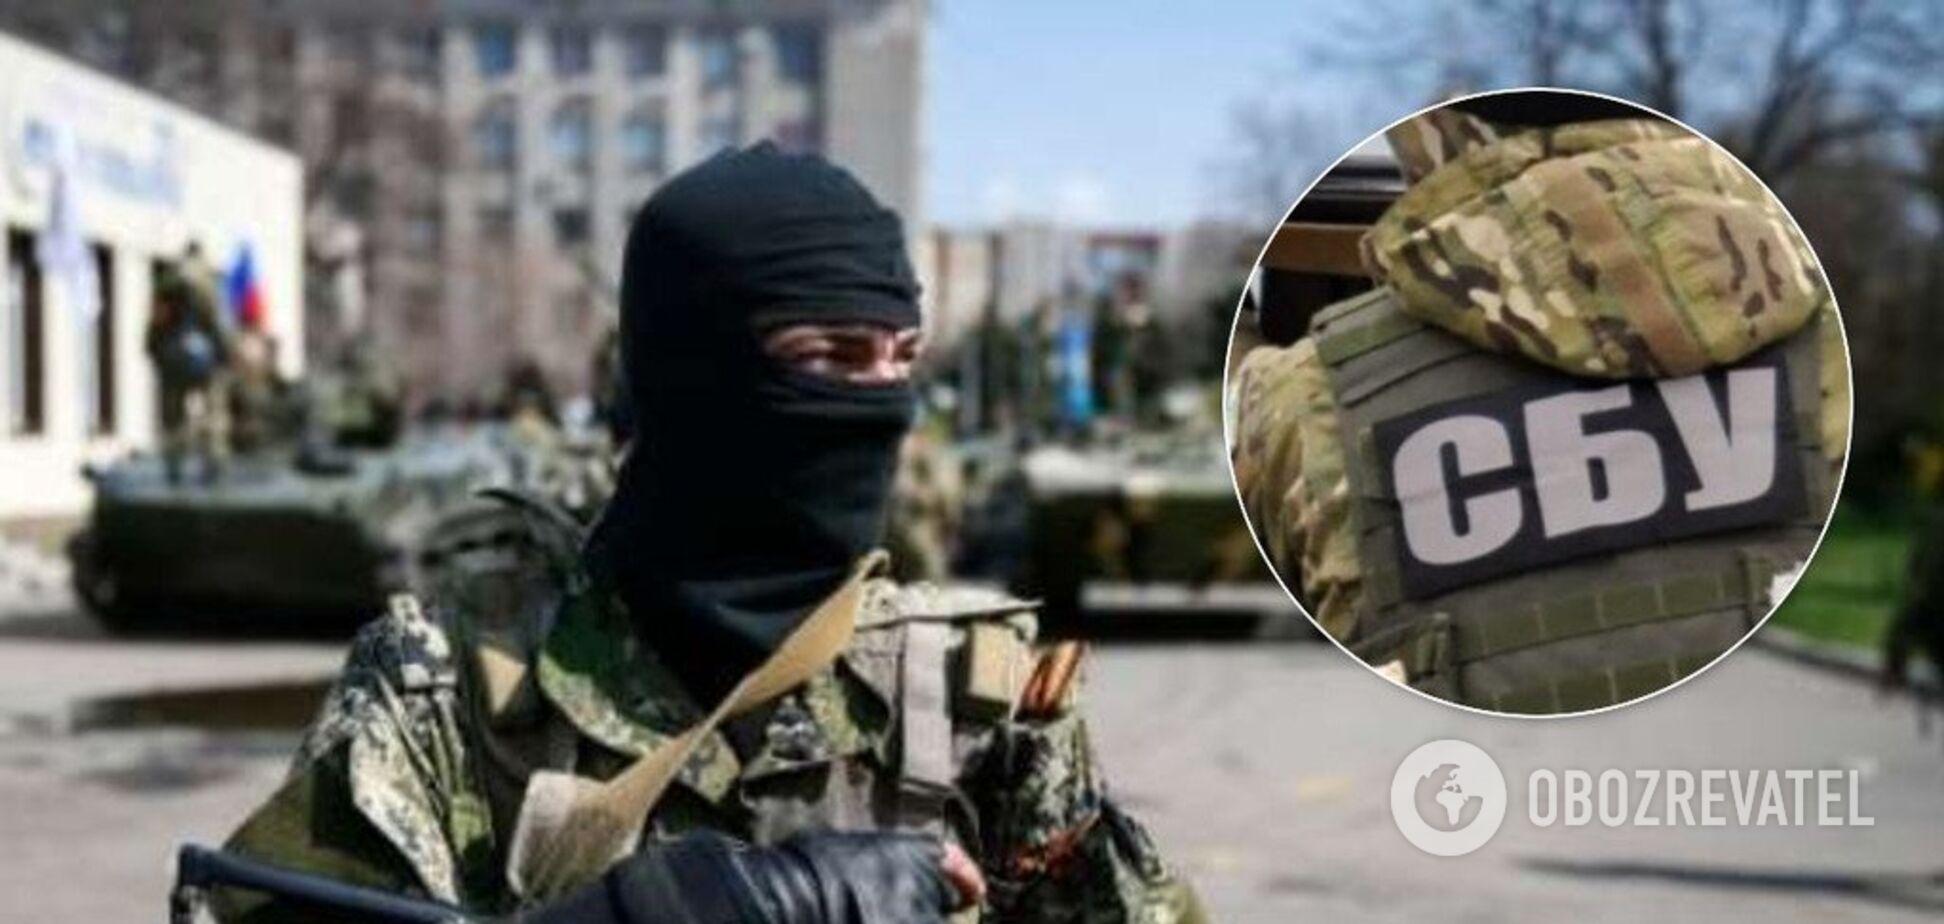 СБУ поймала террориста опасного подразделения 'ЛНР'